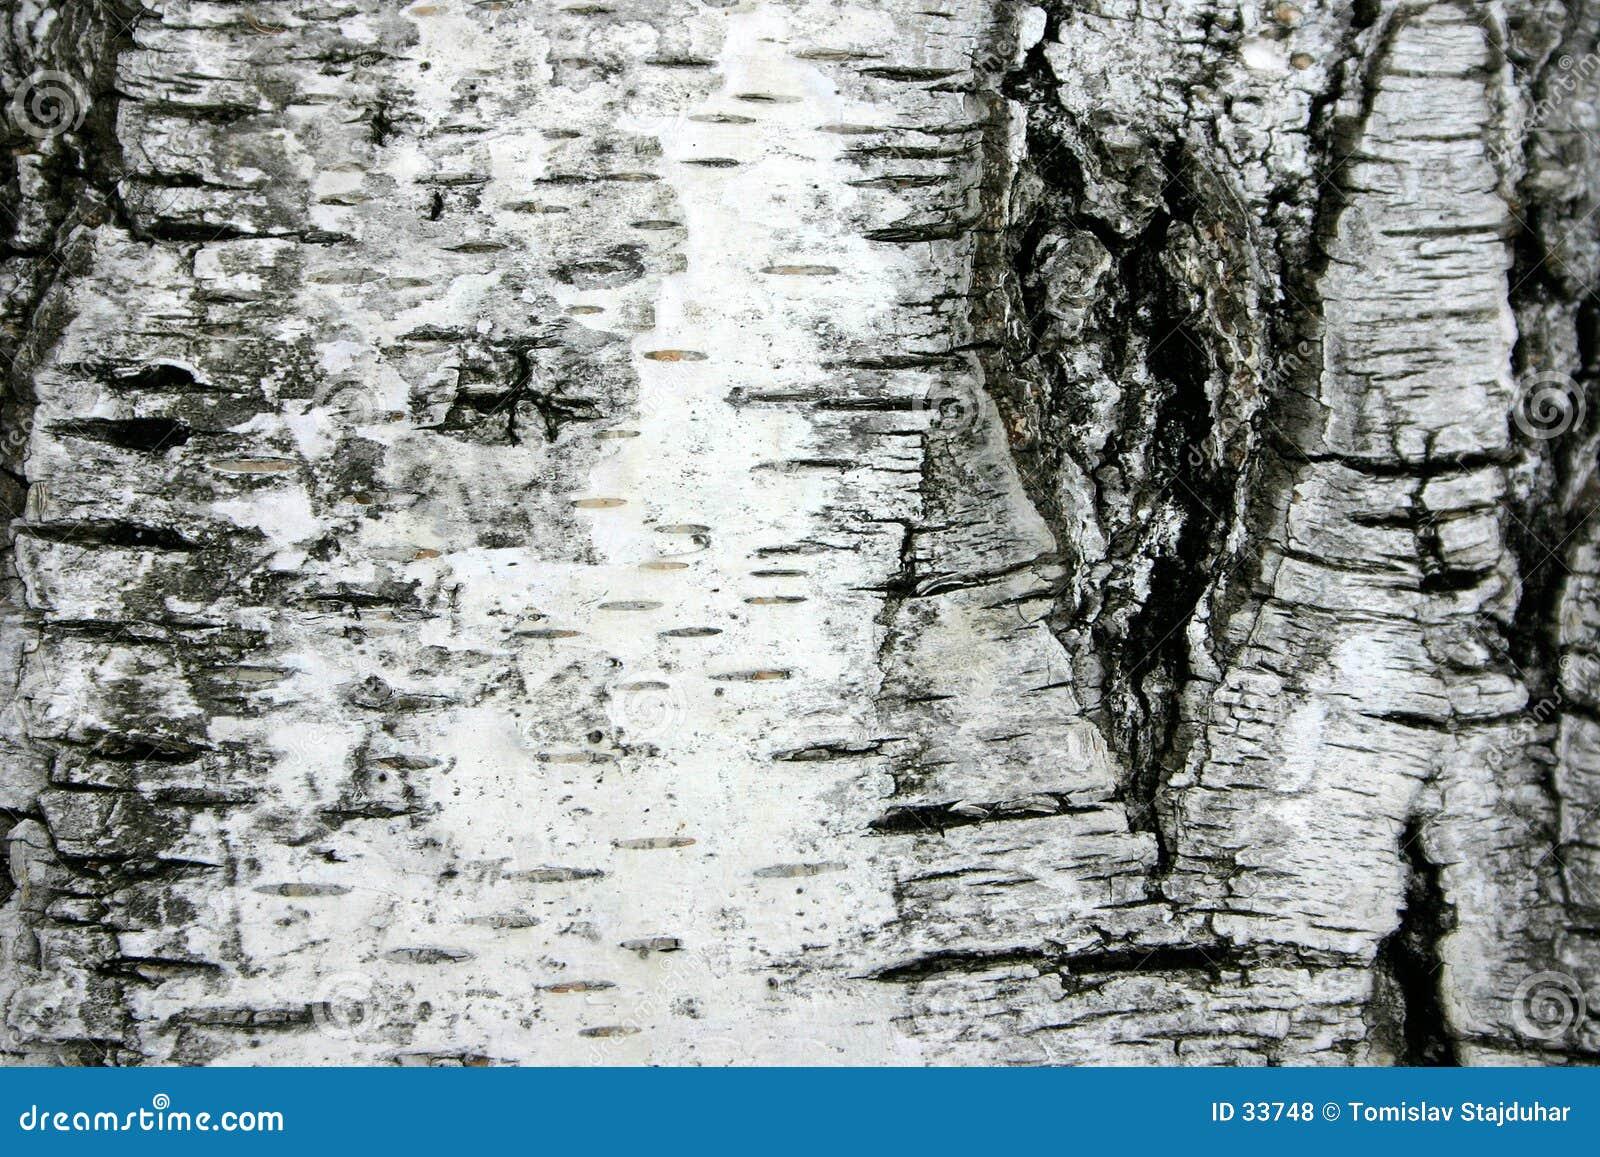 Mózgowej brzozy drzewo.